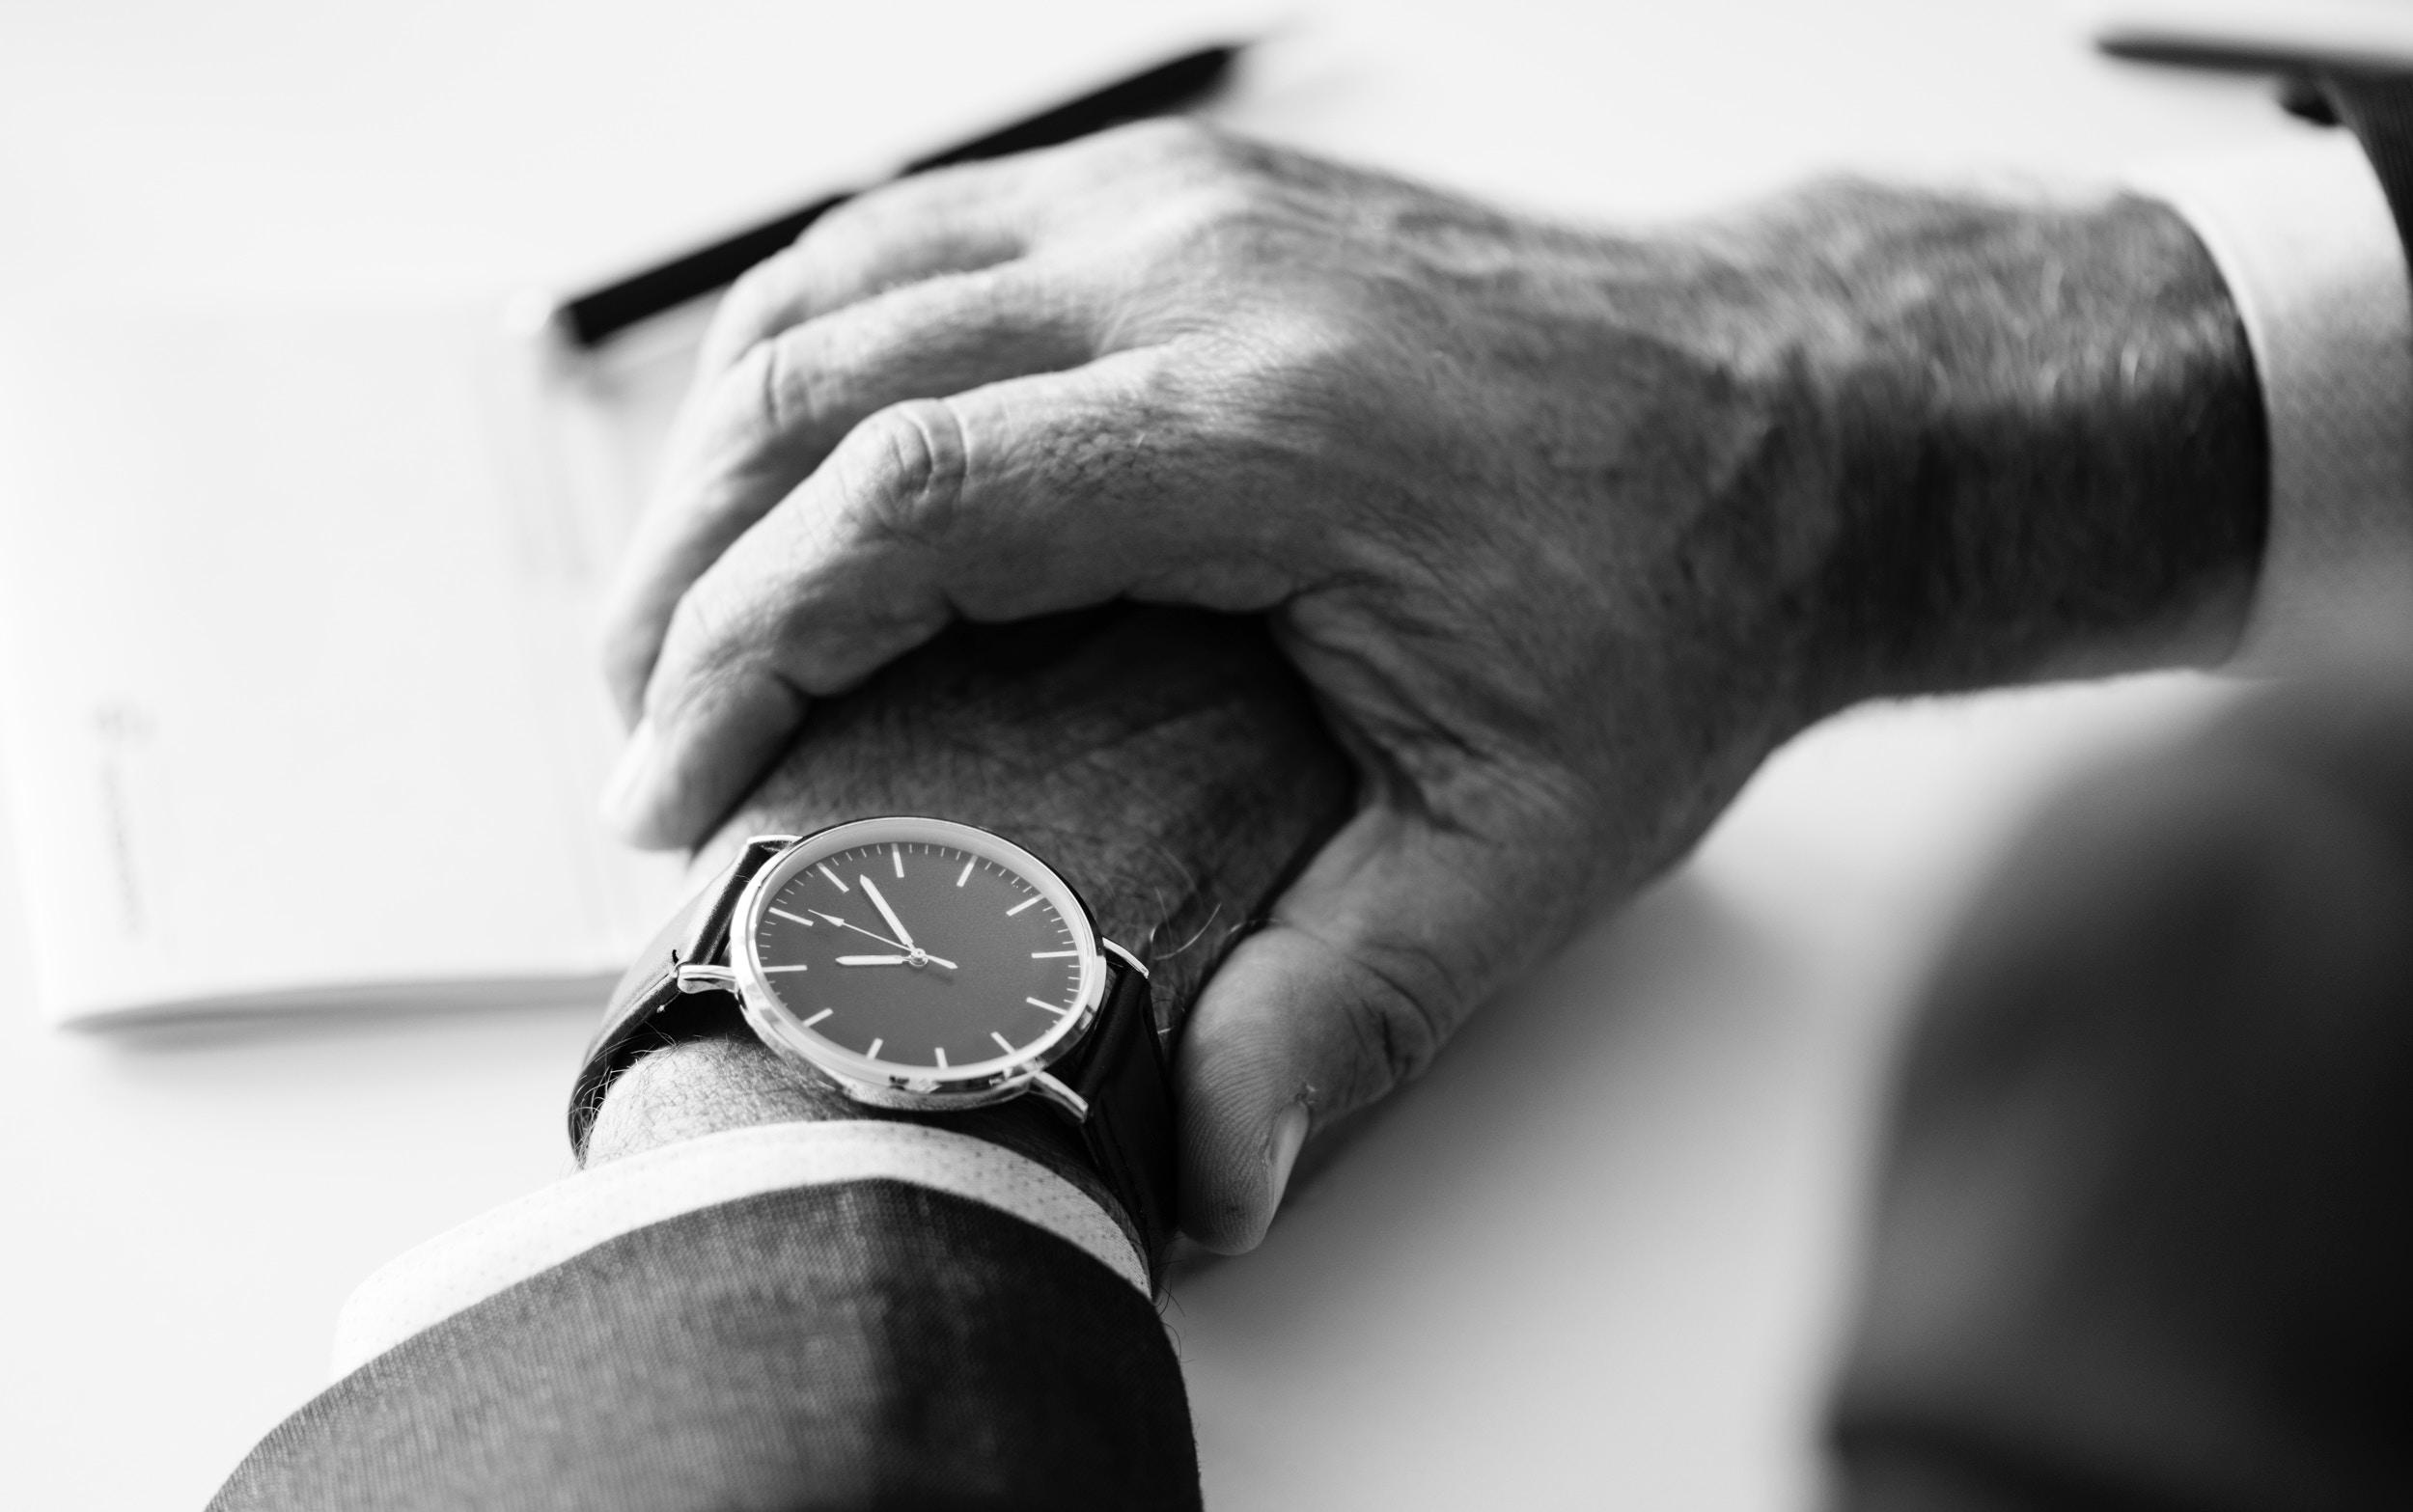 Armbandsur - När vi ändå är inne på klockor. Skaffa dig eller damma av ditt gamla armbandsur. Plötsligt behöver du inte ta upp mobilen för att kolla vad klockan är och riskerar inte att sugas in bland apparna mot din vilja.